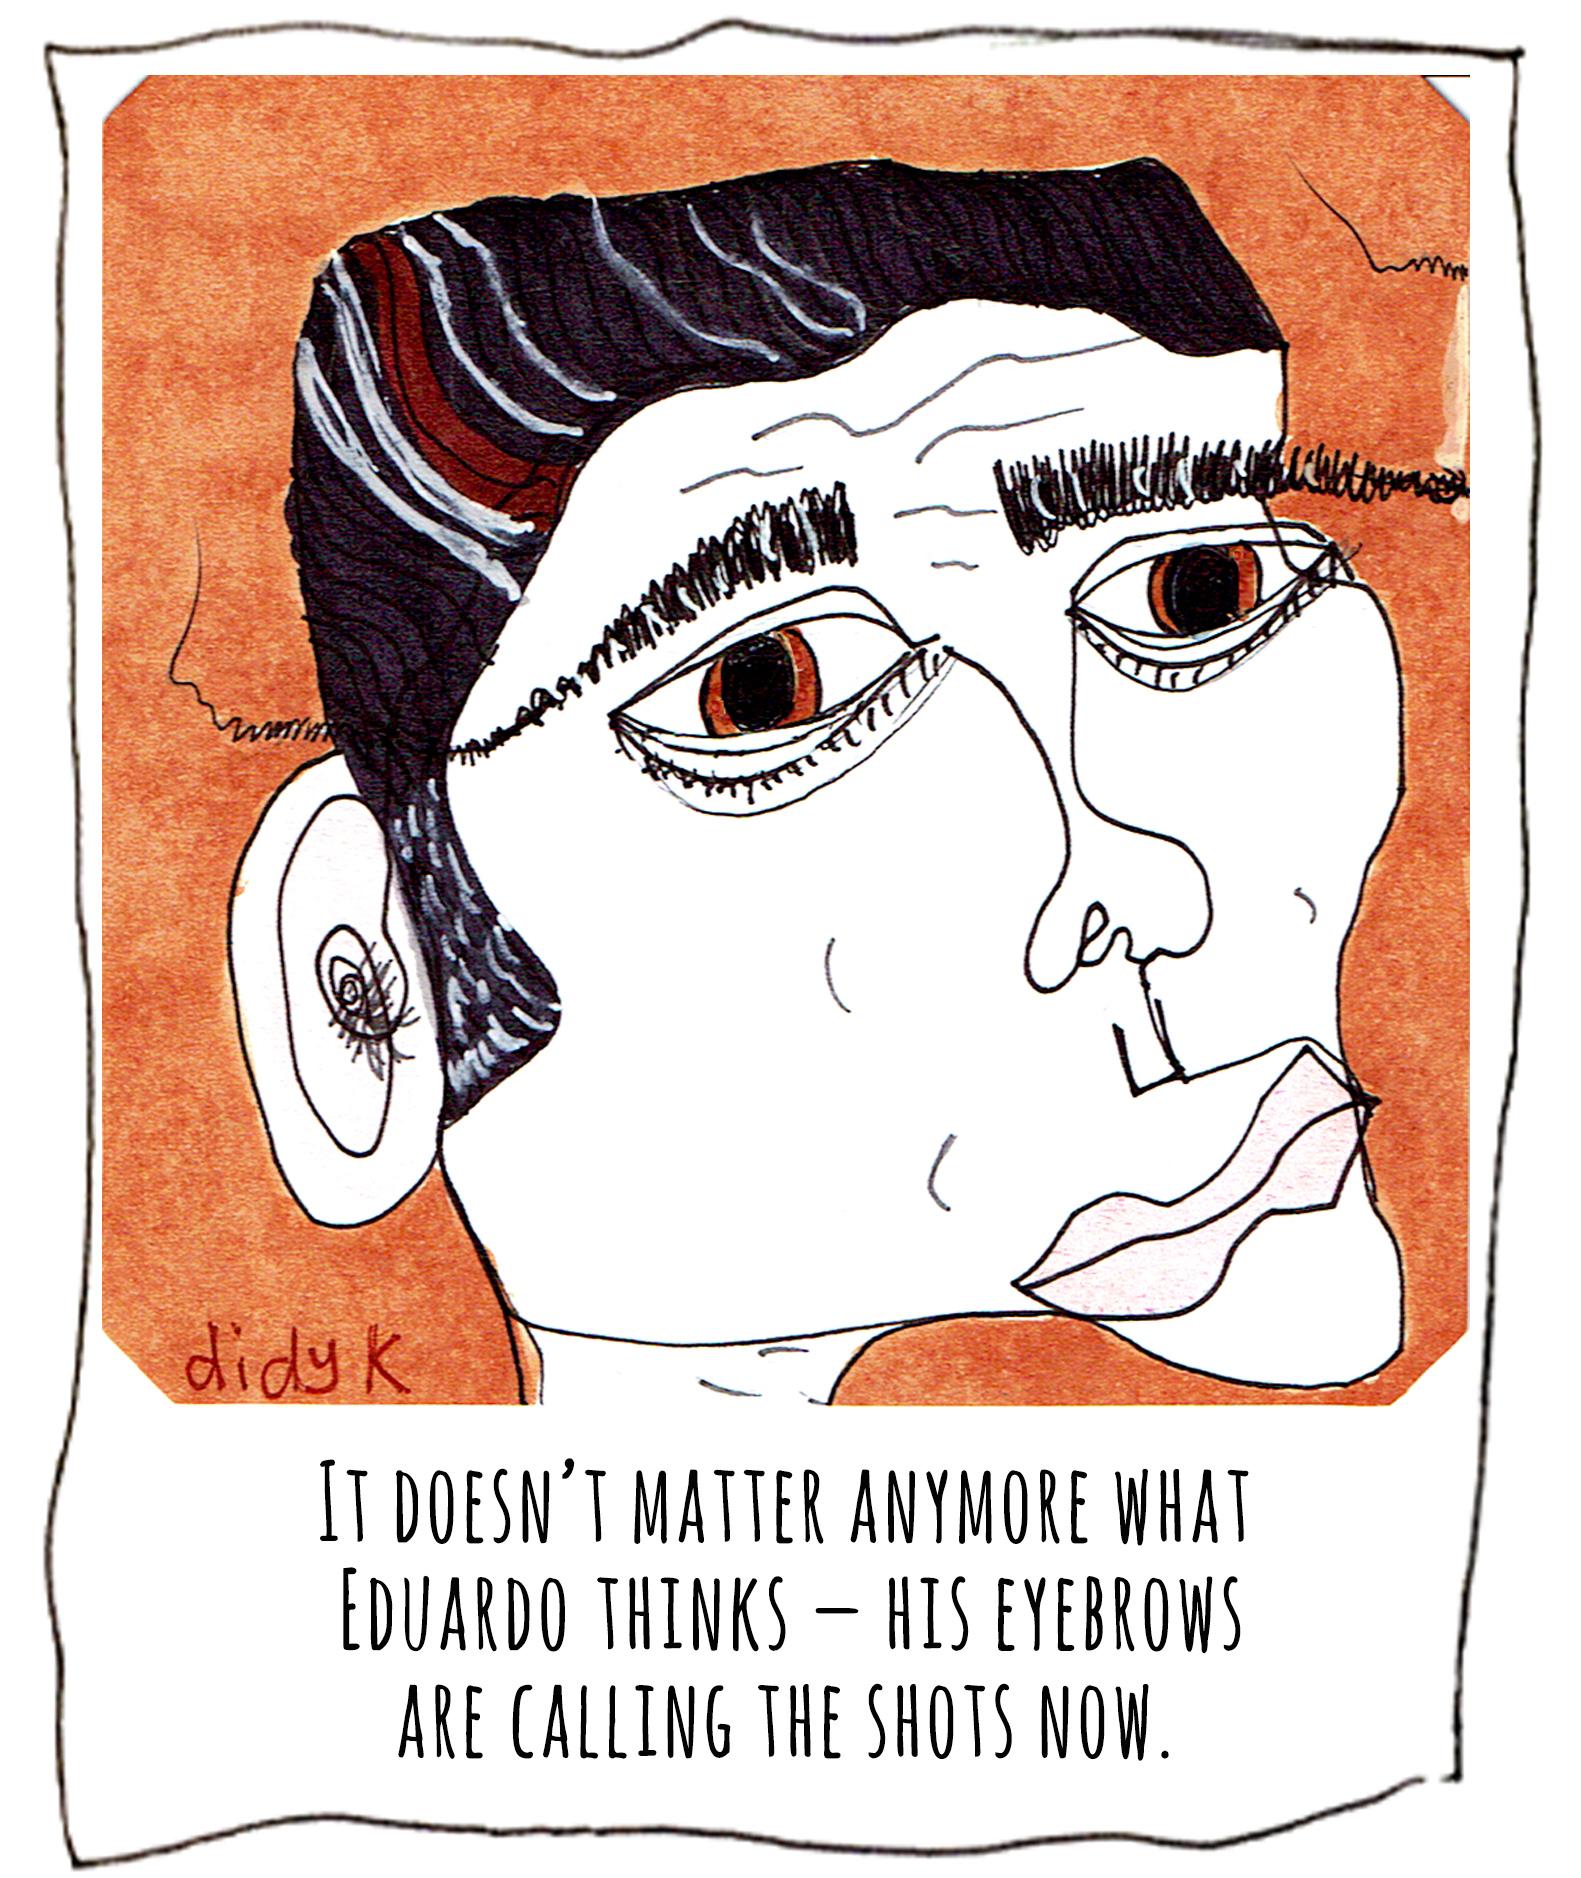 ITAK_12_Eduardo_eyebrows3.jpg